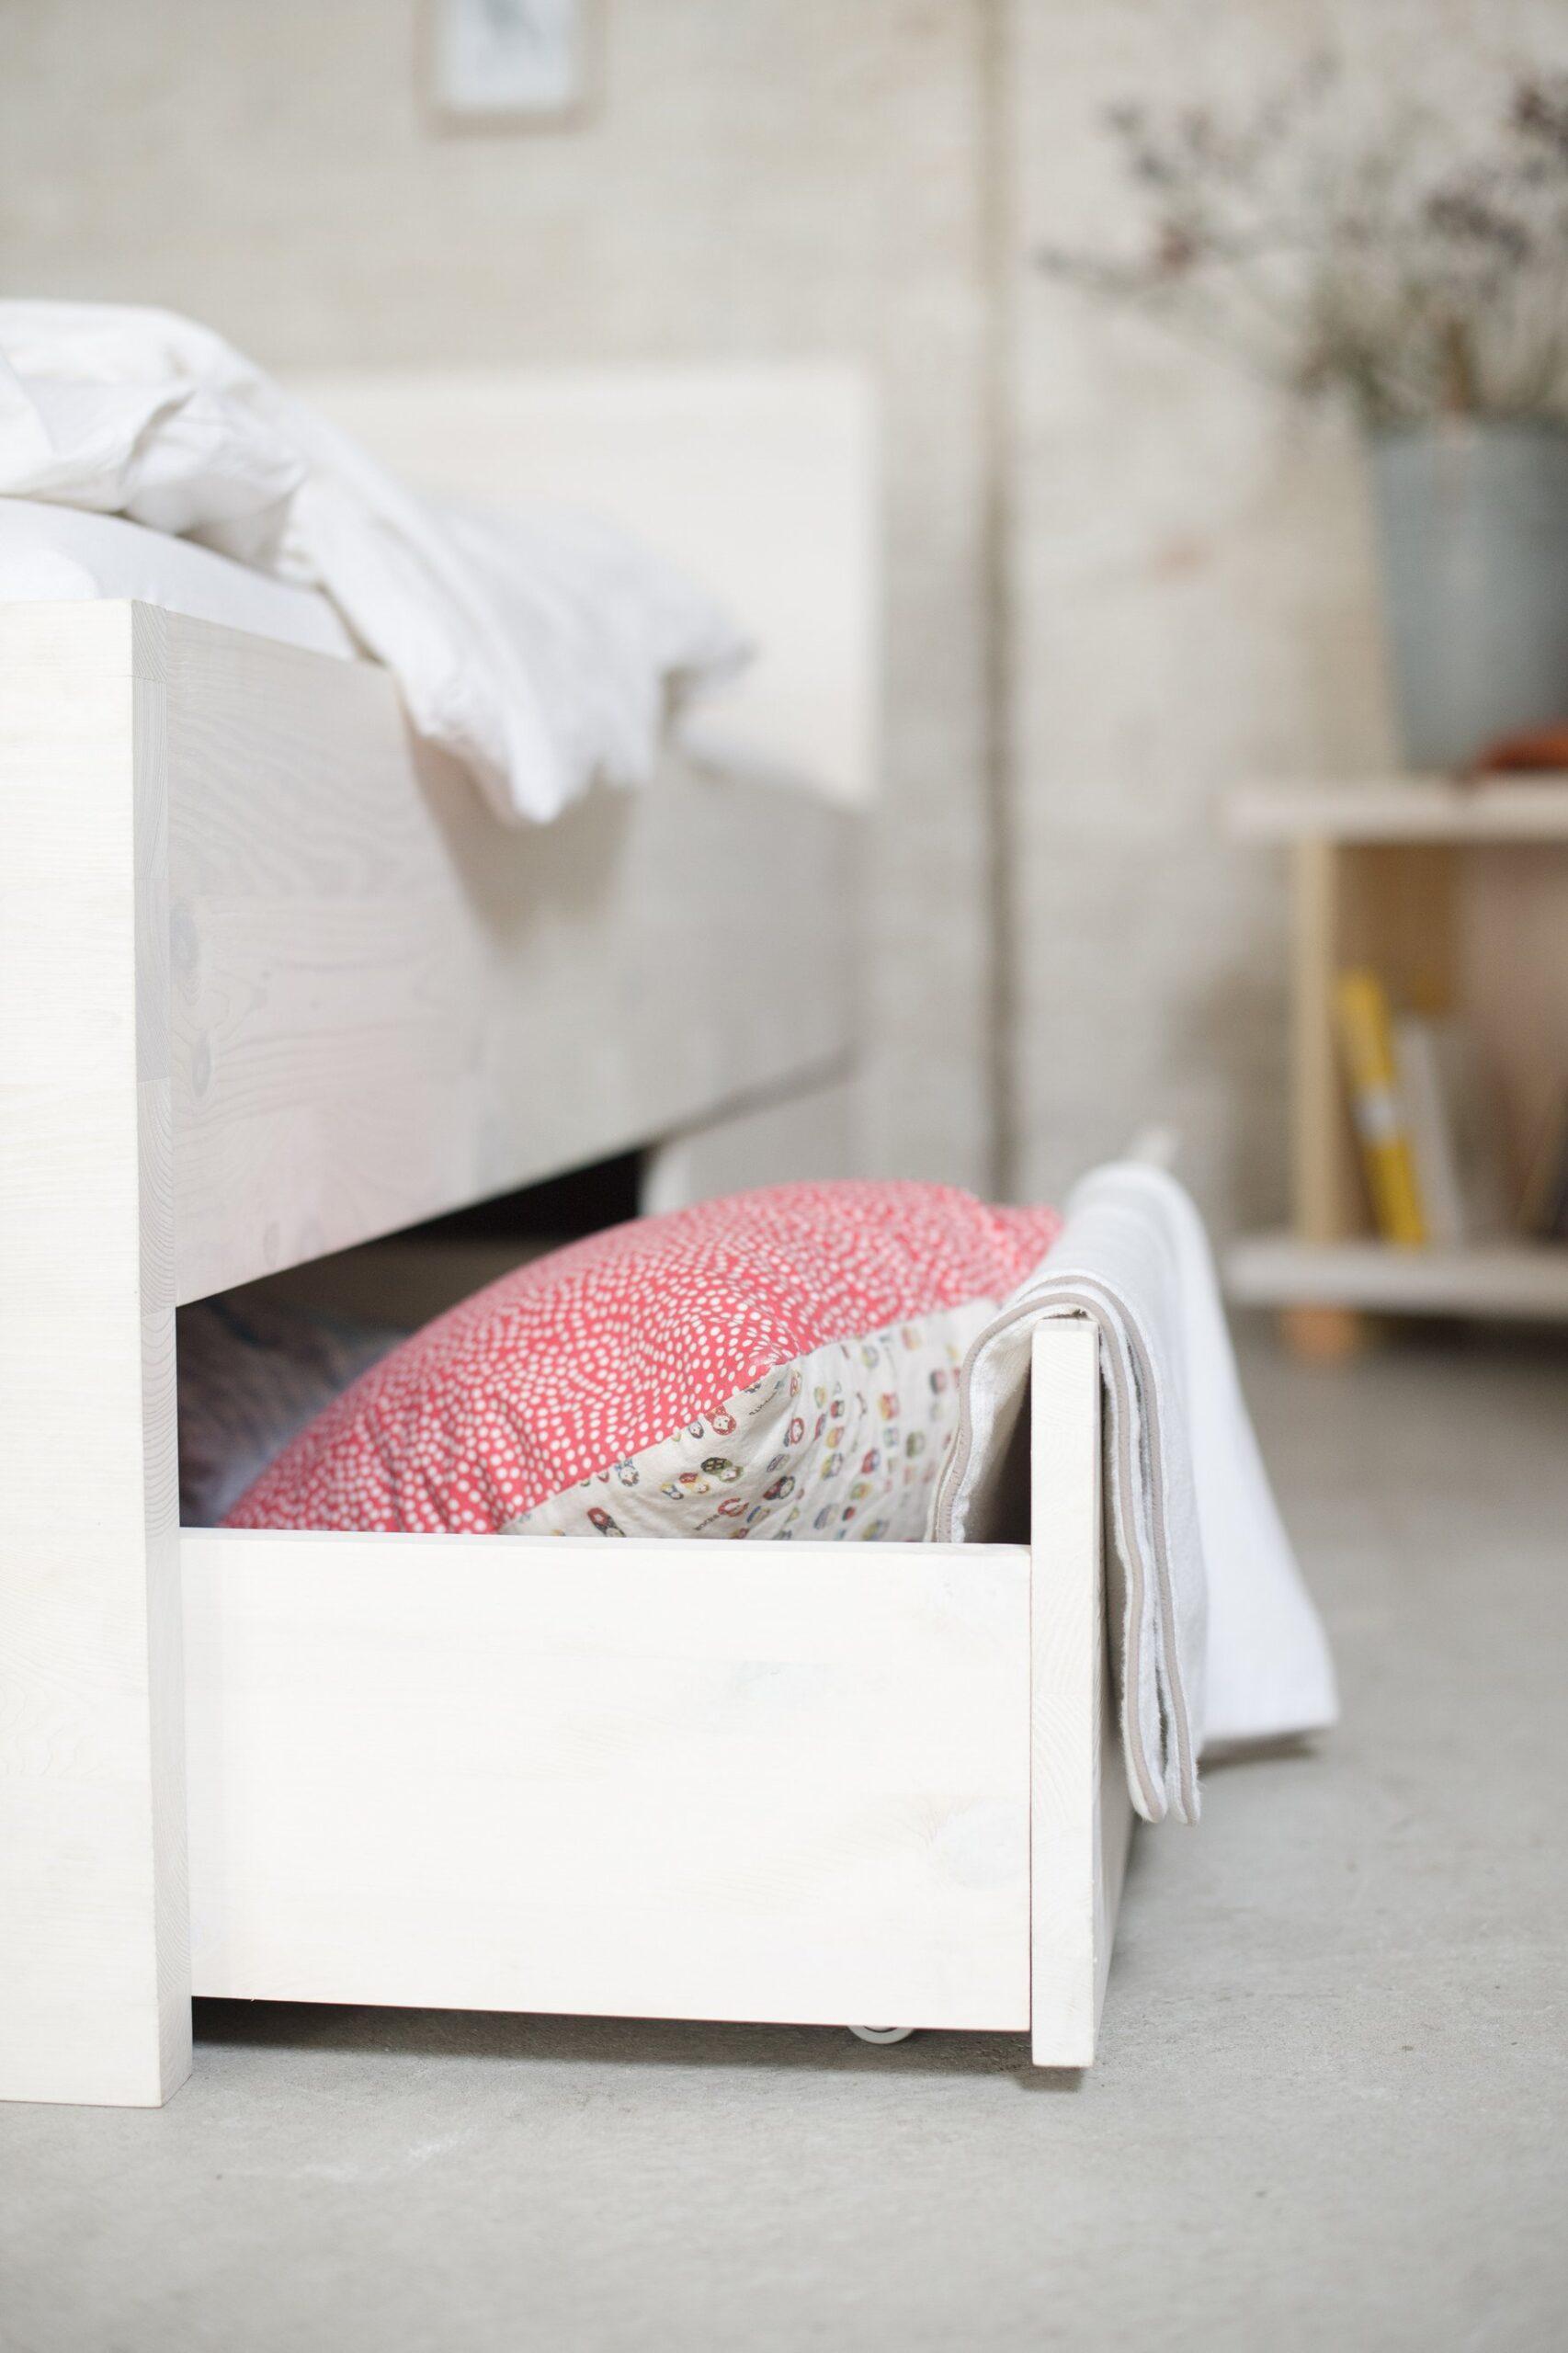 Full Size of Stauraumbetten Aus Zertifizierten Massivholz Bio Bett 200x200 Weiß Komforthöhe Stauraum Betten Mit Bettkasten Wohnzimmer Stauraumbett 200x200